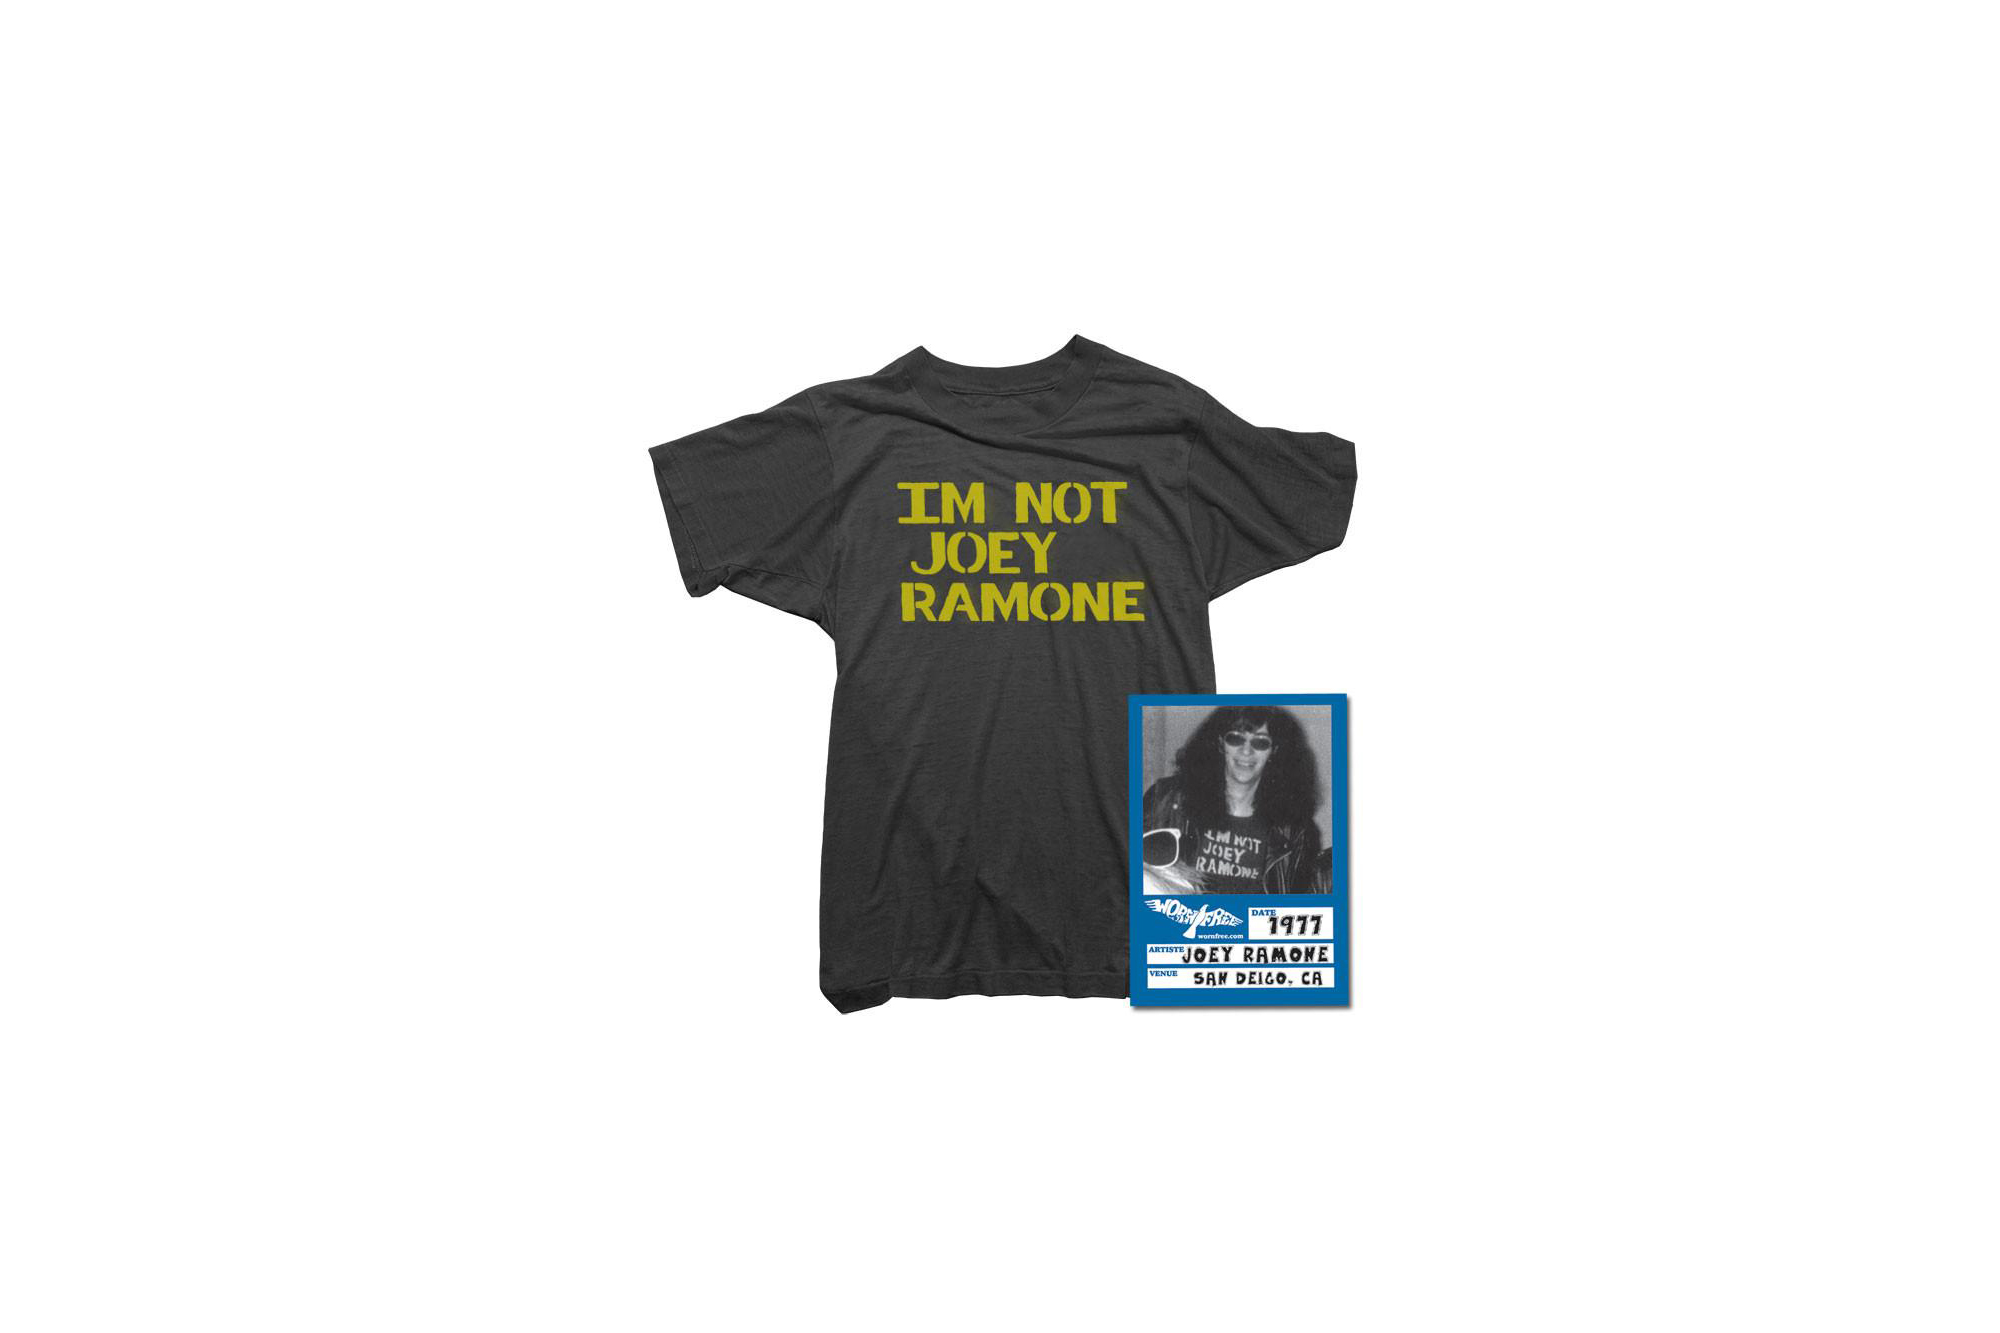 WORN FREE(ウォーンフリー) IM NOT JOEY RAMONE RAMONES(ジョーイ・ラモーン ラモーンズ) 1977 SAN DEIGO.CA プリントTシャツ バンドTシャツ ロックTシャツ BLACK(ブラック) 2018春夏 wornfree ウォーンフリー 愛知 名古屋 Alto e Diritto アルト エ デリット ramonesラモーンズ ラモンズ bandtee rocktee